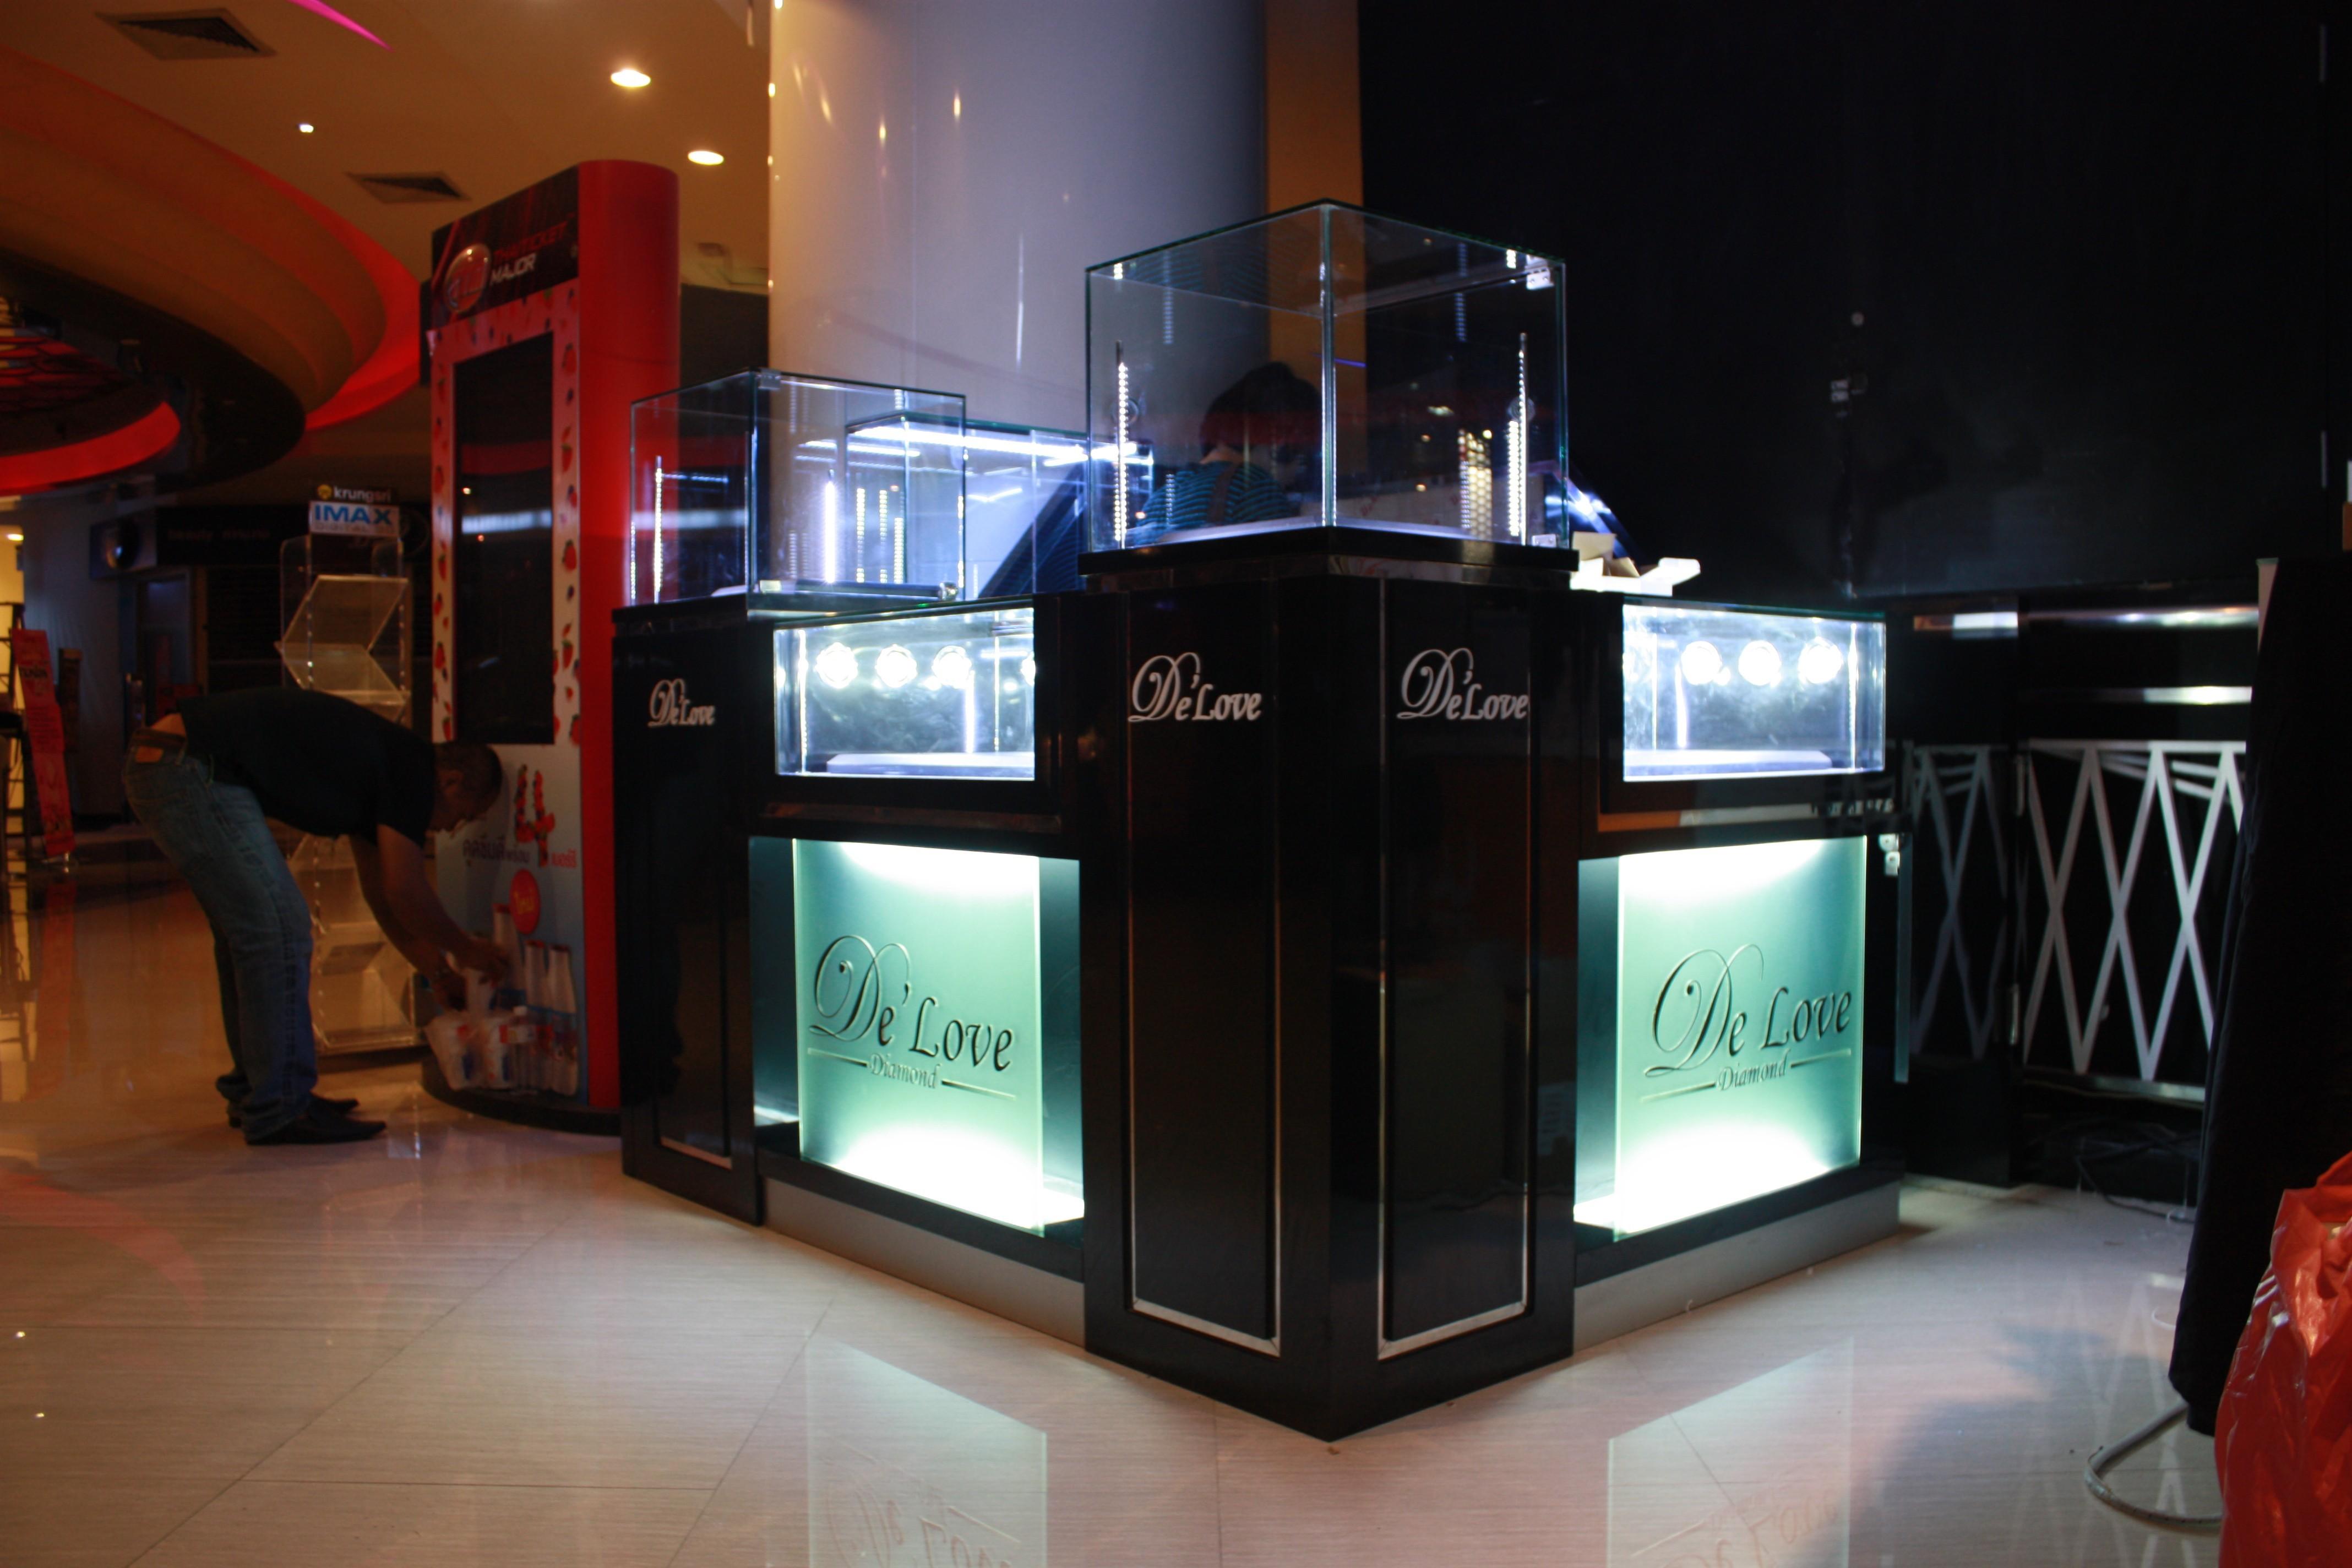 ตกแต่งร้านจิวเวลรี่ ออกแบบร้านจิวเวลรี่ De'Love diamond1